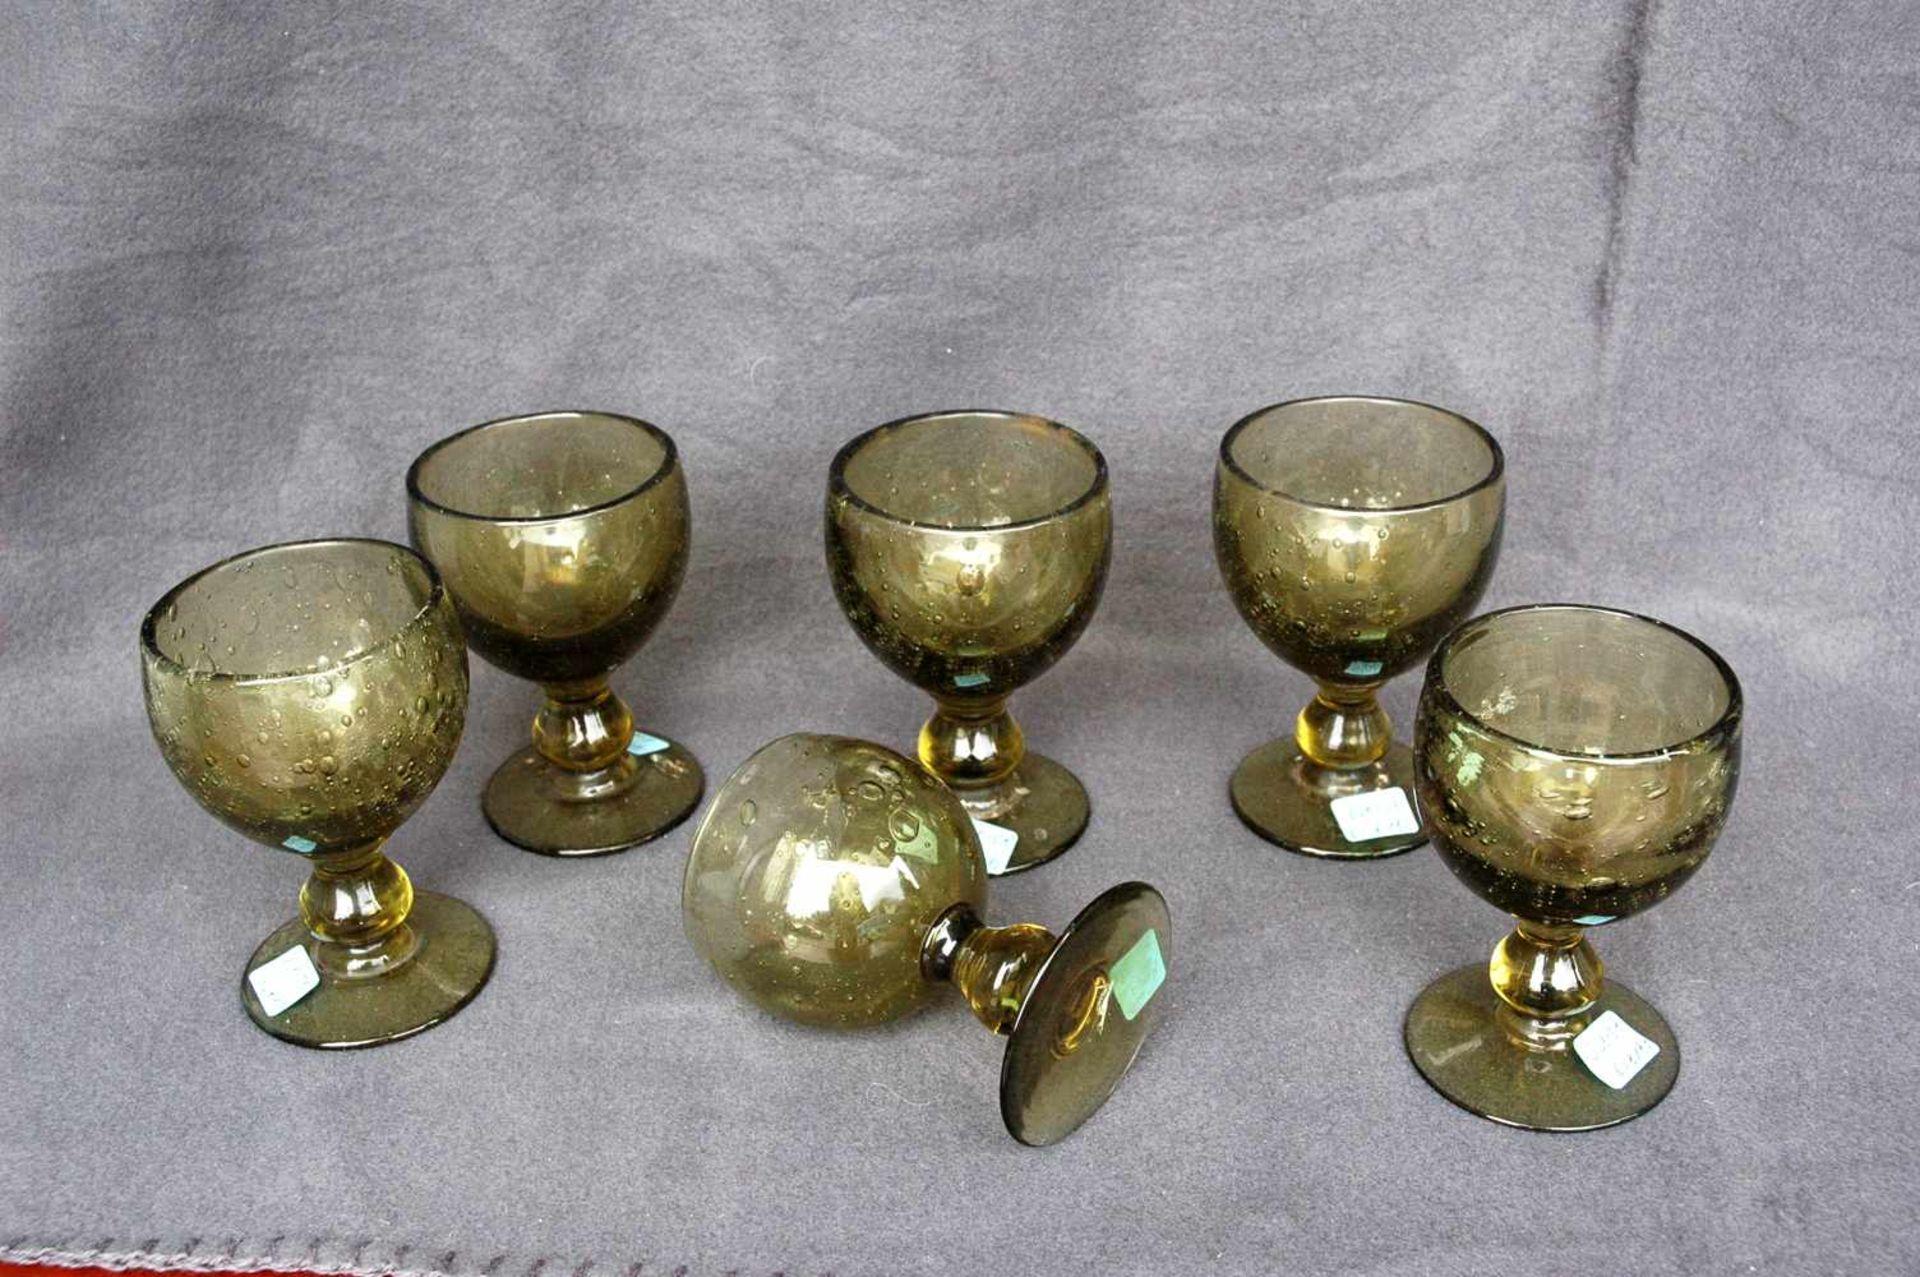 6 Weingläser, gelb-grünliches Glas mit Lufteinschlüssen, Abriß ausgeschliffen - Bild 2 aus 3